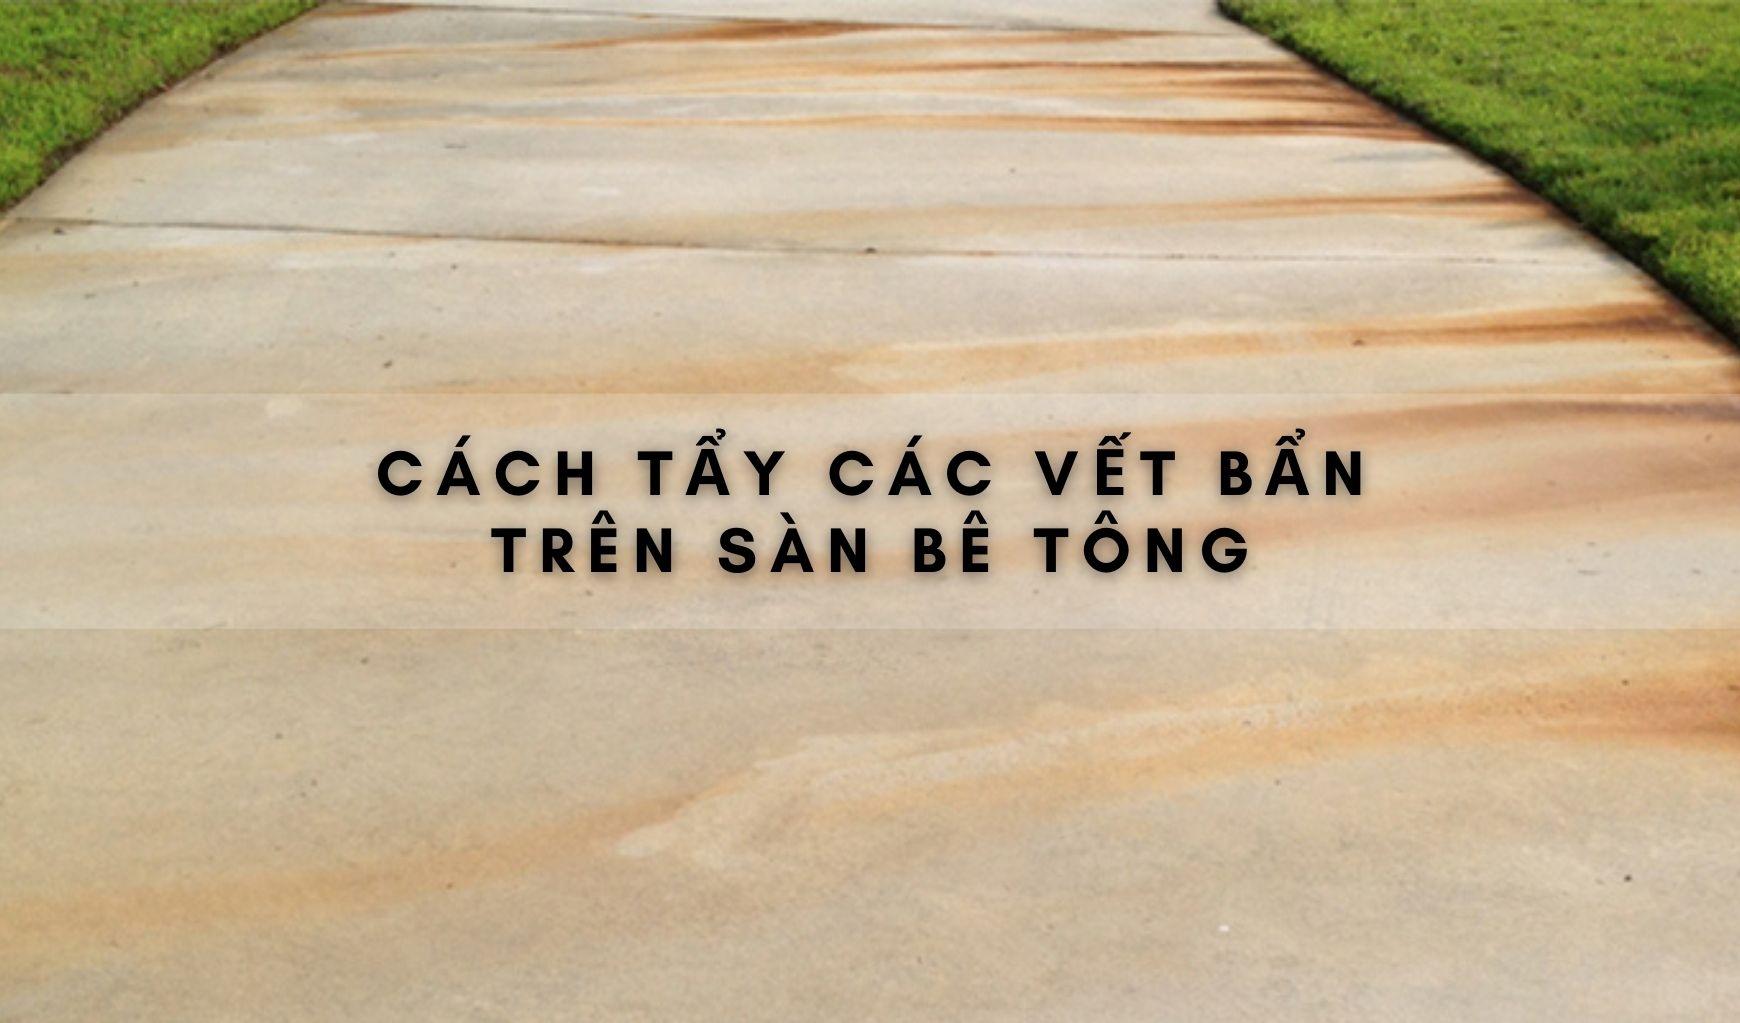 cach-tay-cac-vet-ban-tren-san-be-tong